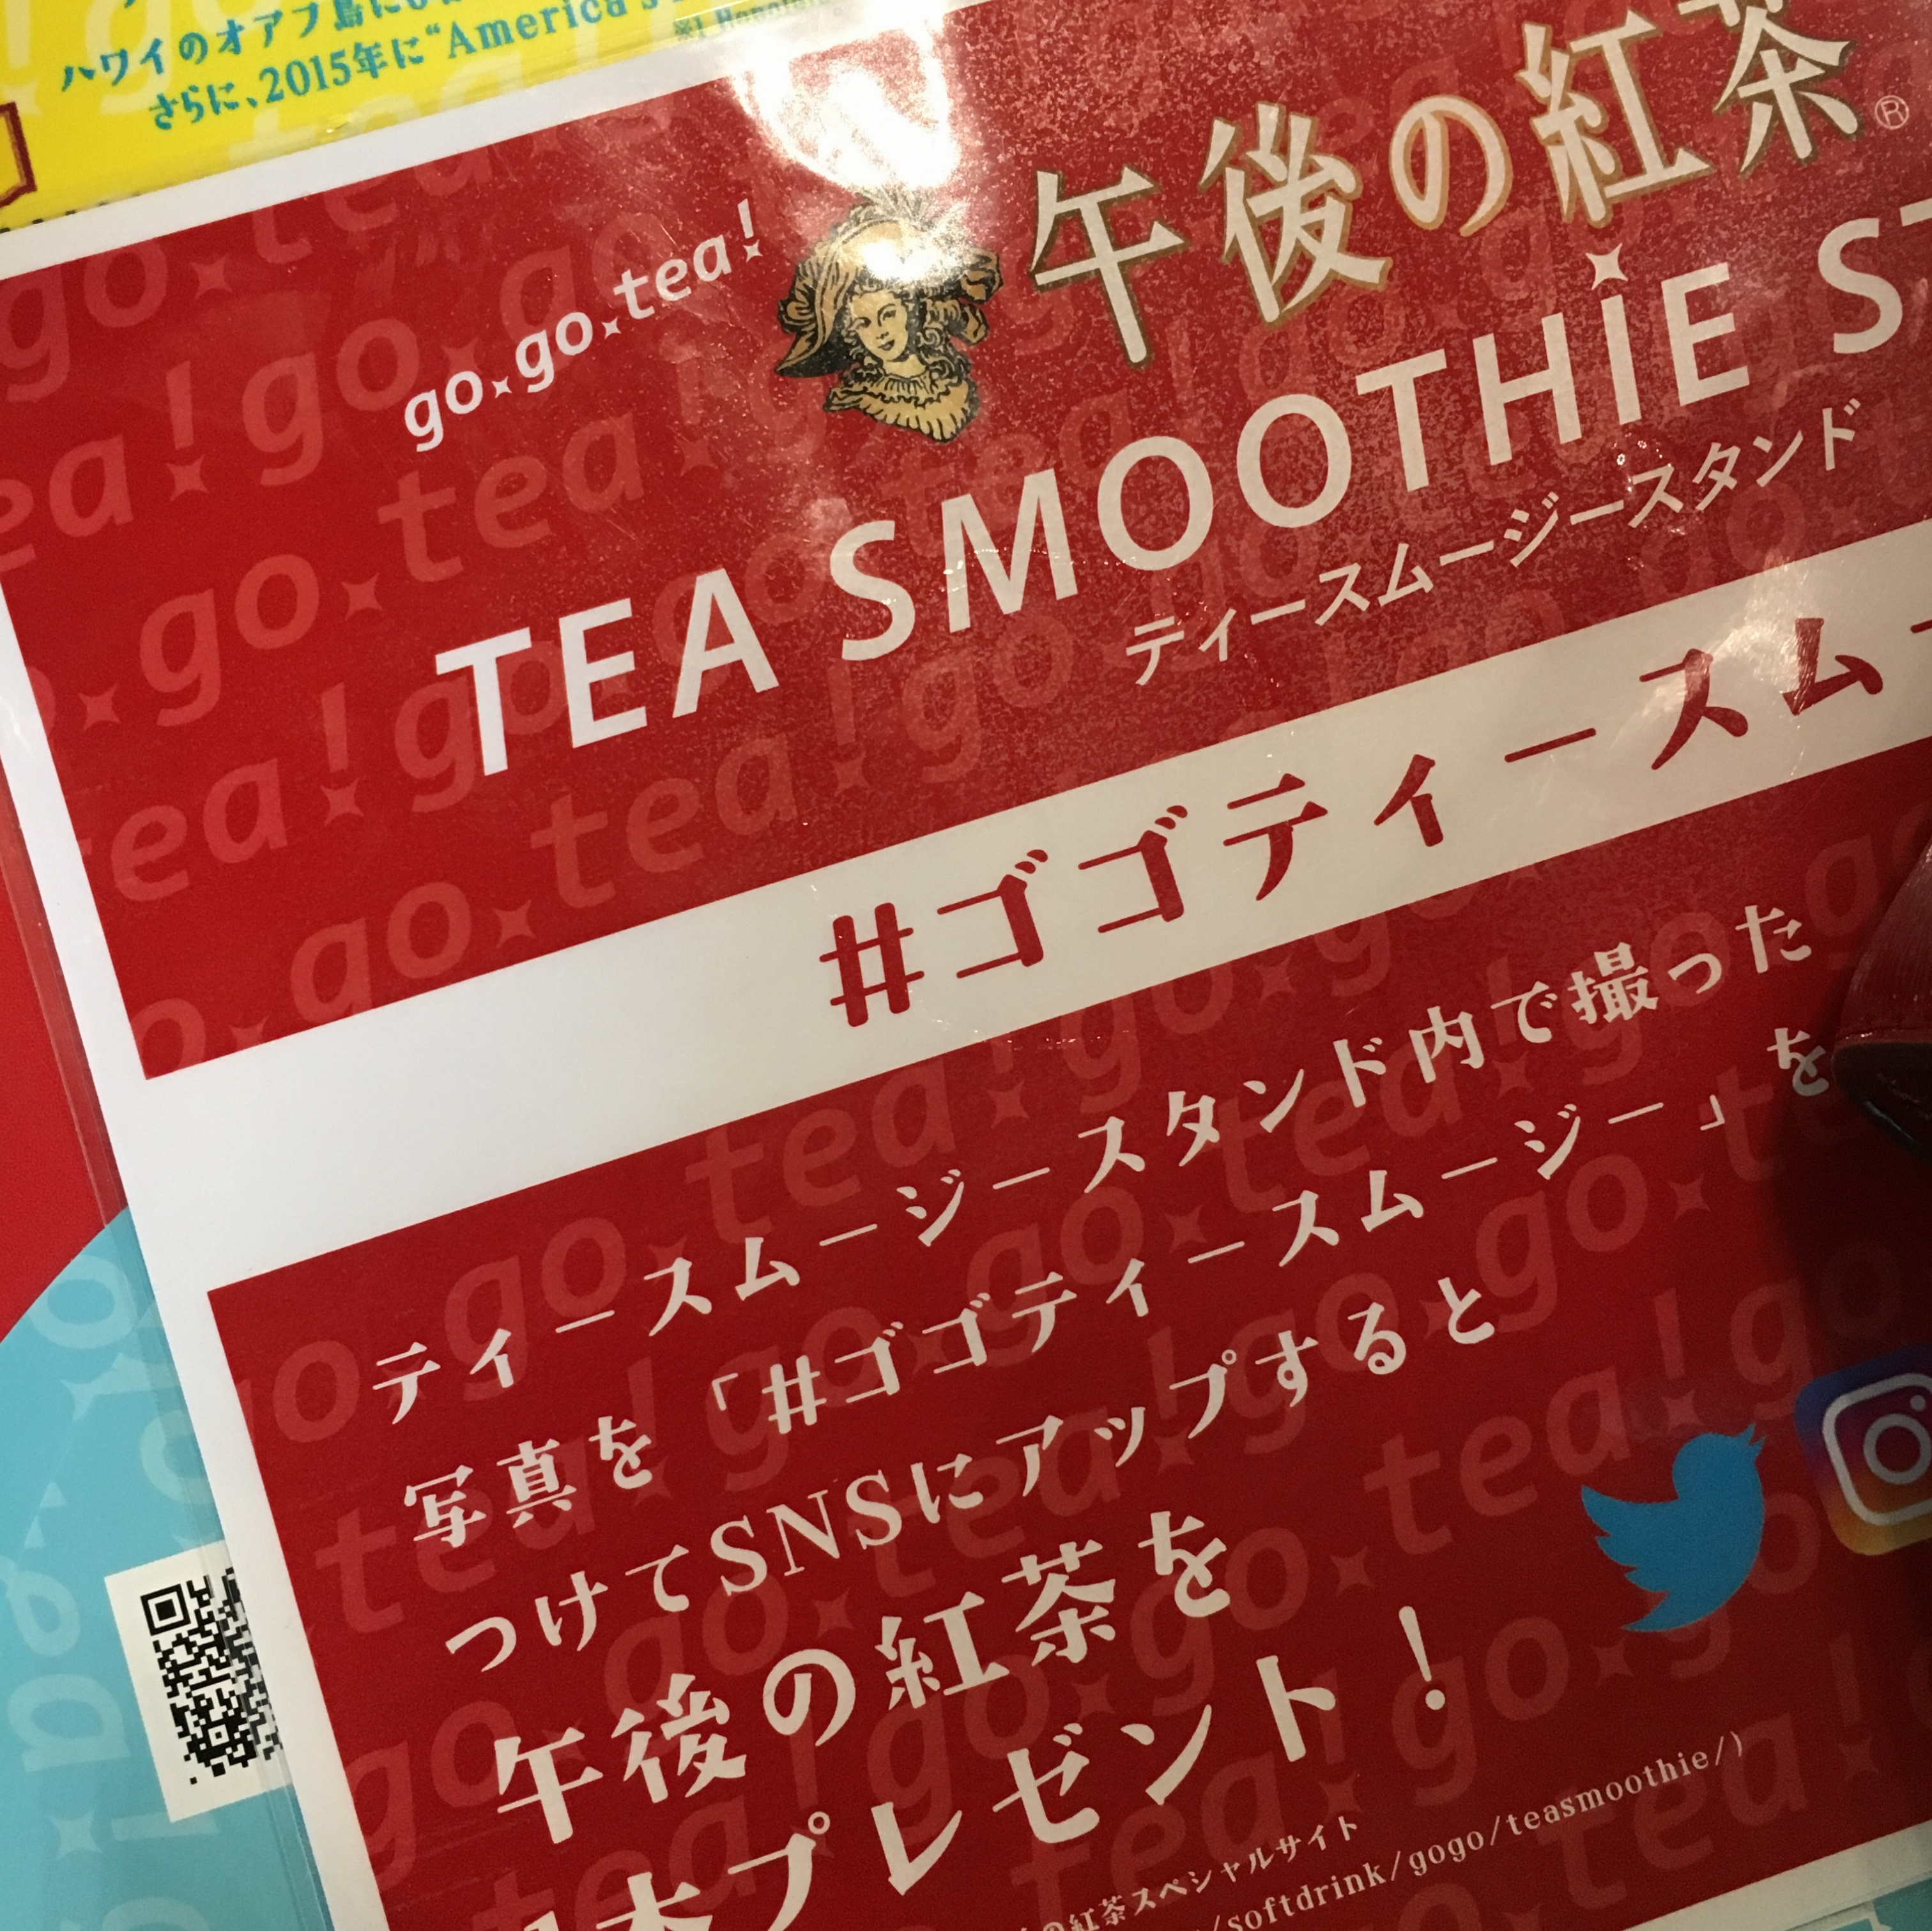 《全国順次展開!》紅茶とフルーツの良いとこ取りスムージー❤️【日本初上陸ハワイのスムージーショップ】と【午後ティー】が夢のコラボ✨_4